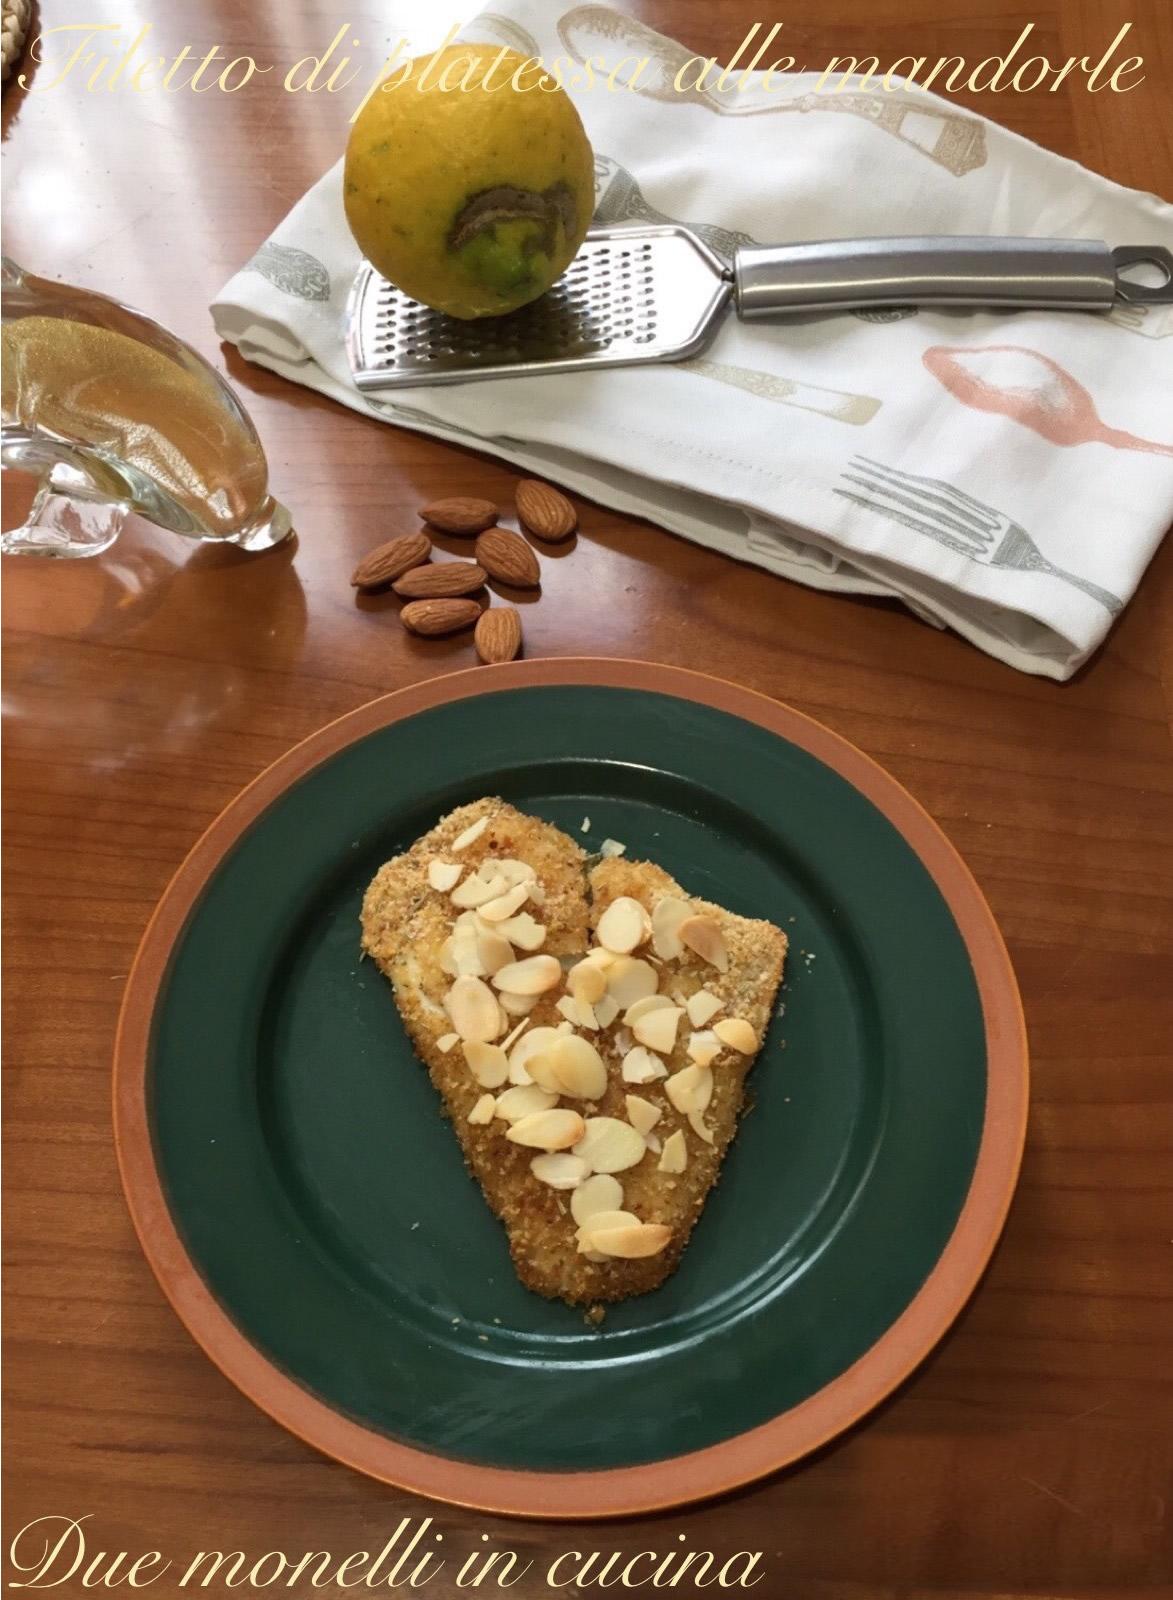 Filetto di platessa al forno con panatura alle mandorle